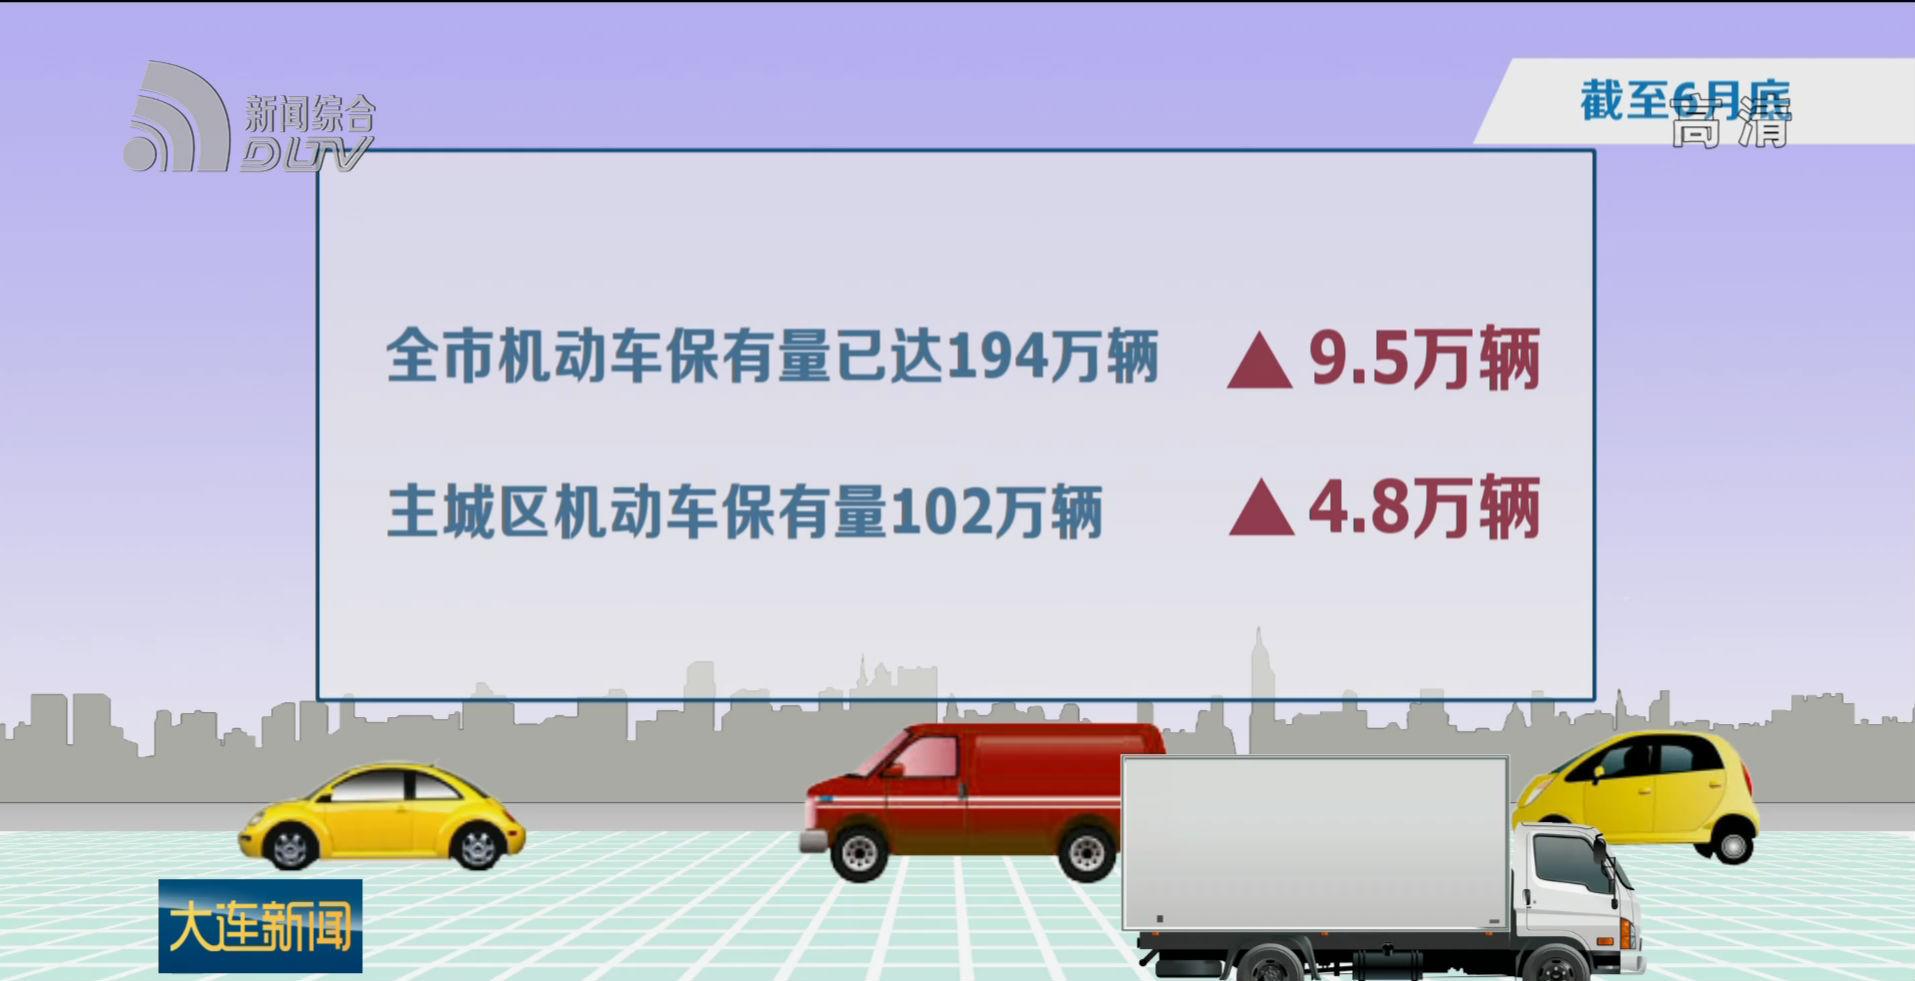 全市机动车保有量达194万辆